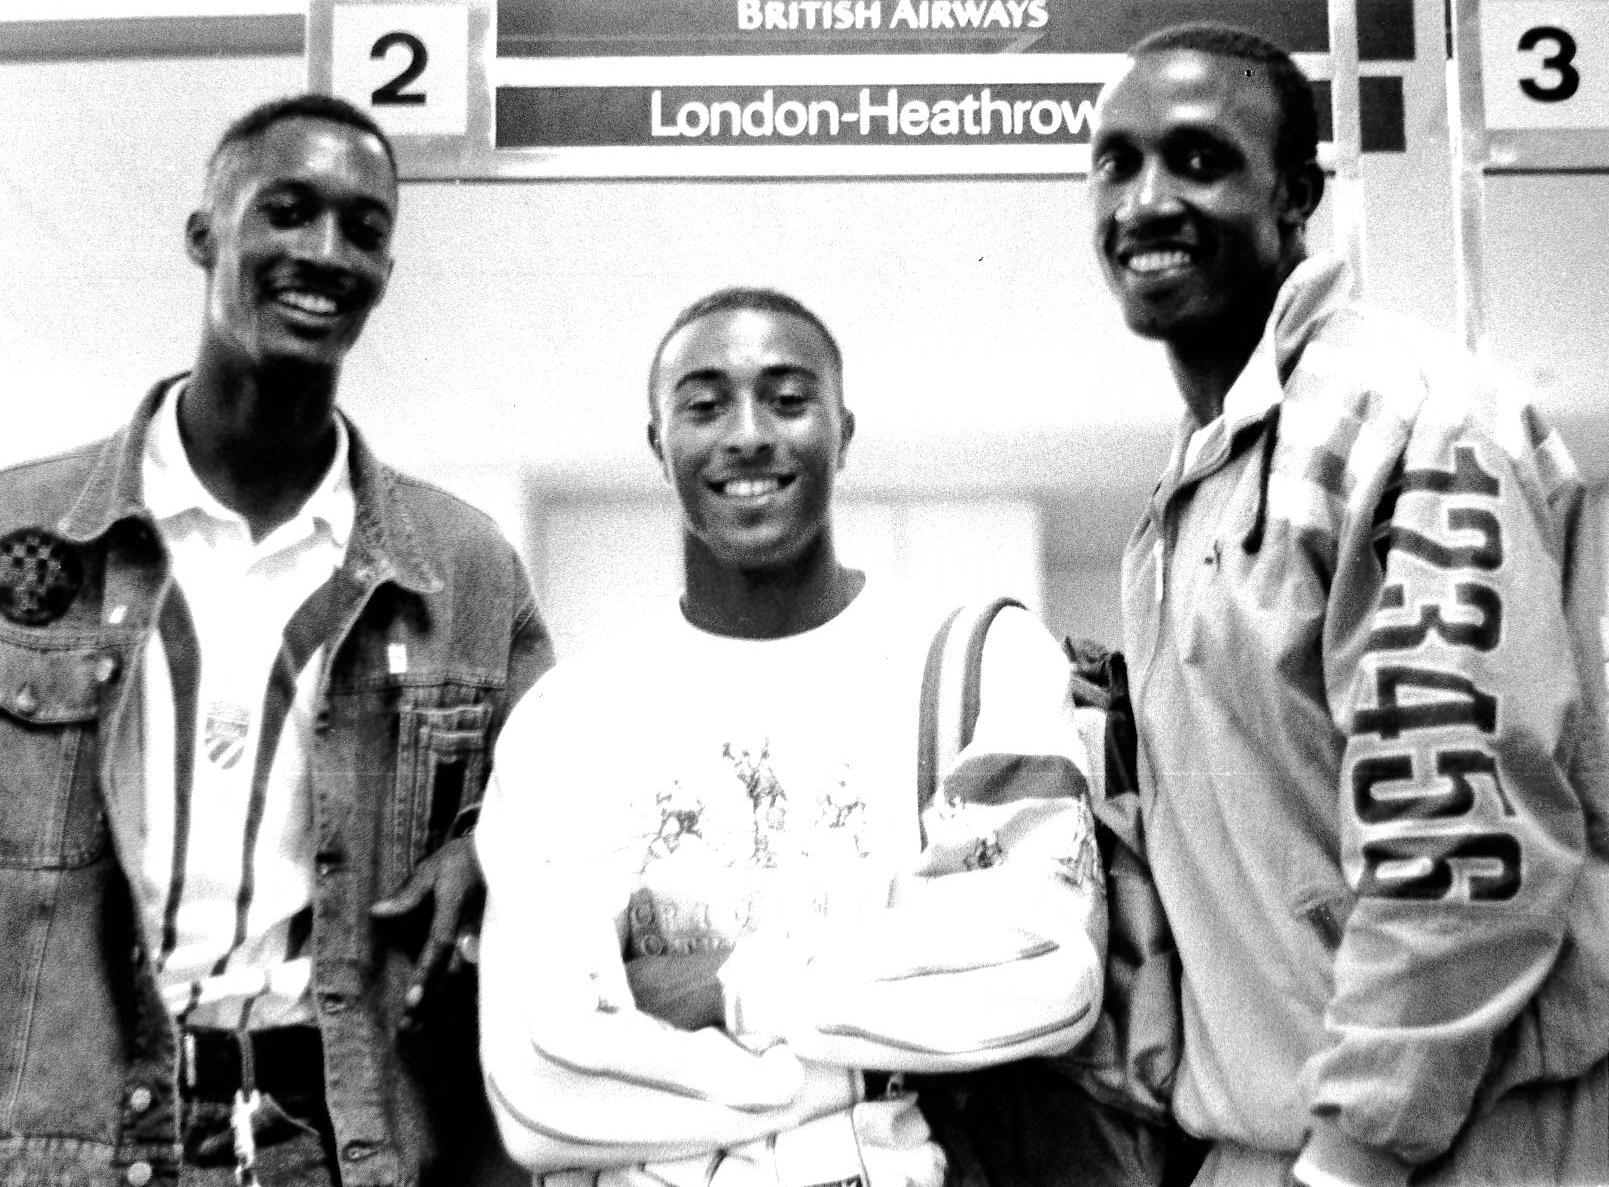 Dalton Grant, Colin Jackson and Linford Christie